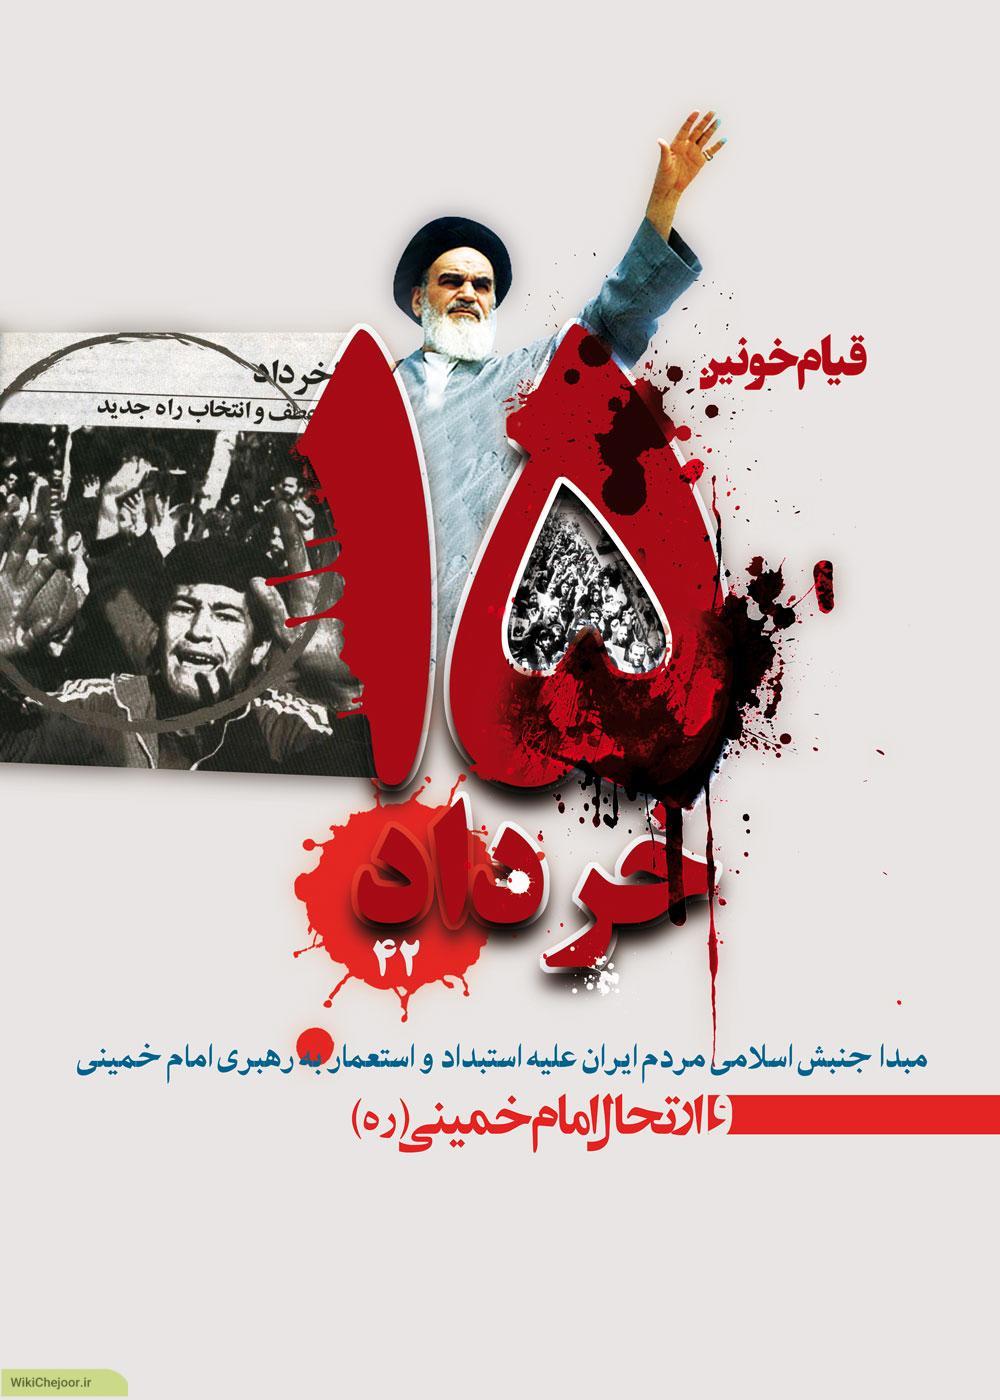 چگونه مردم ایران در ۱۵ خرداد قیام کردند؟